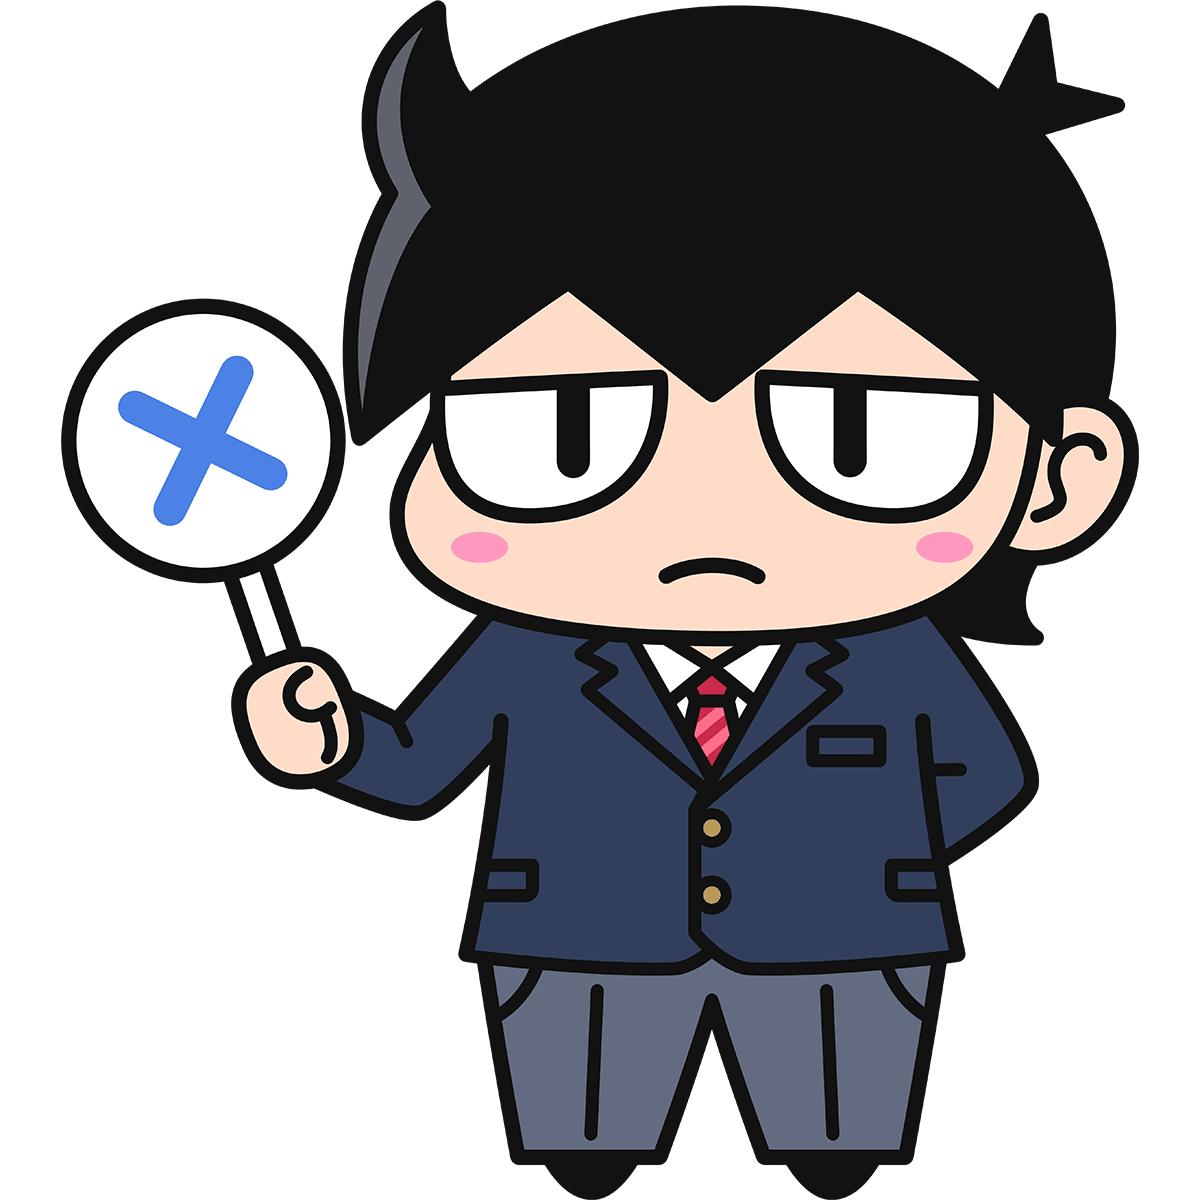 男子学生ダメオ(不正解/ブレザー)の無料イラスト